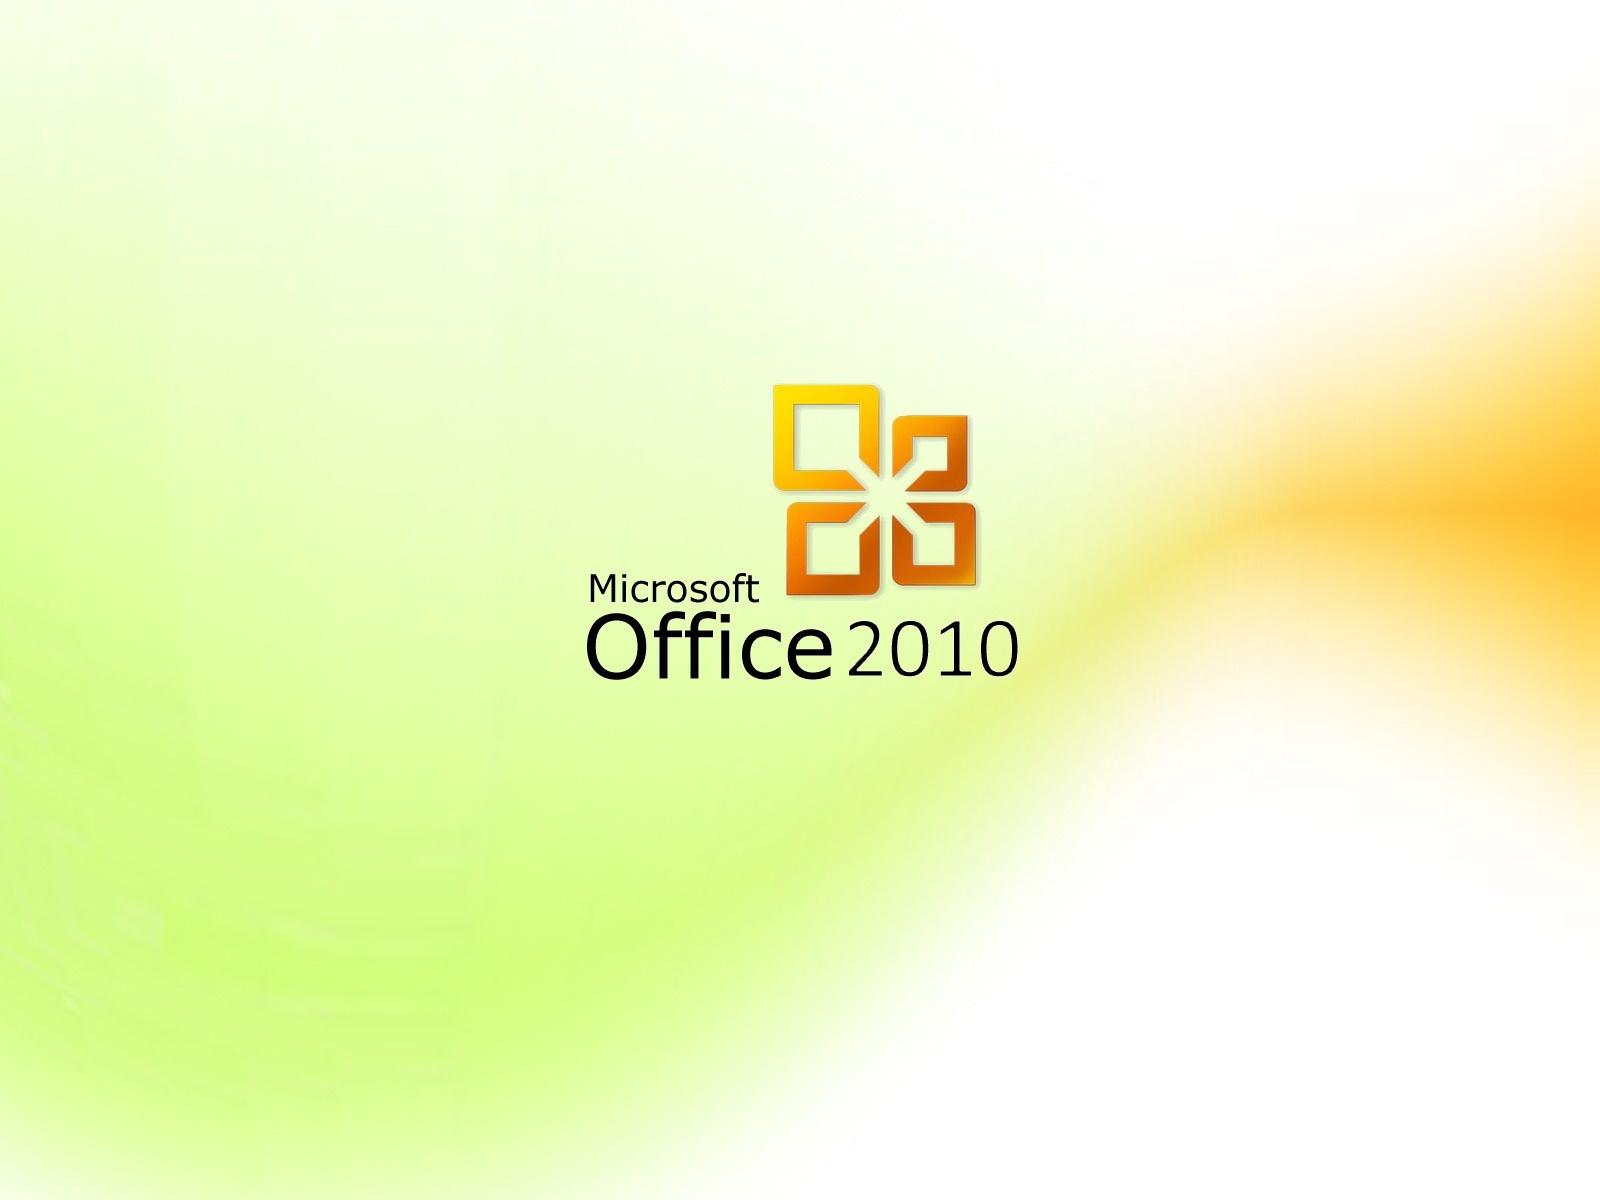 Tes Cpns Kejaksaan 2013 Lowongan Kerja Citilink Info Cpns 2016 Bumn 2016 Download Activator Microsoft Office 2010 Pasukan Gratis